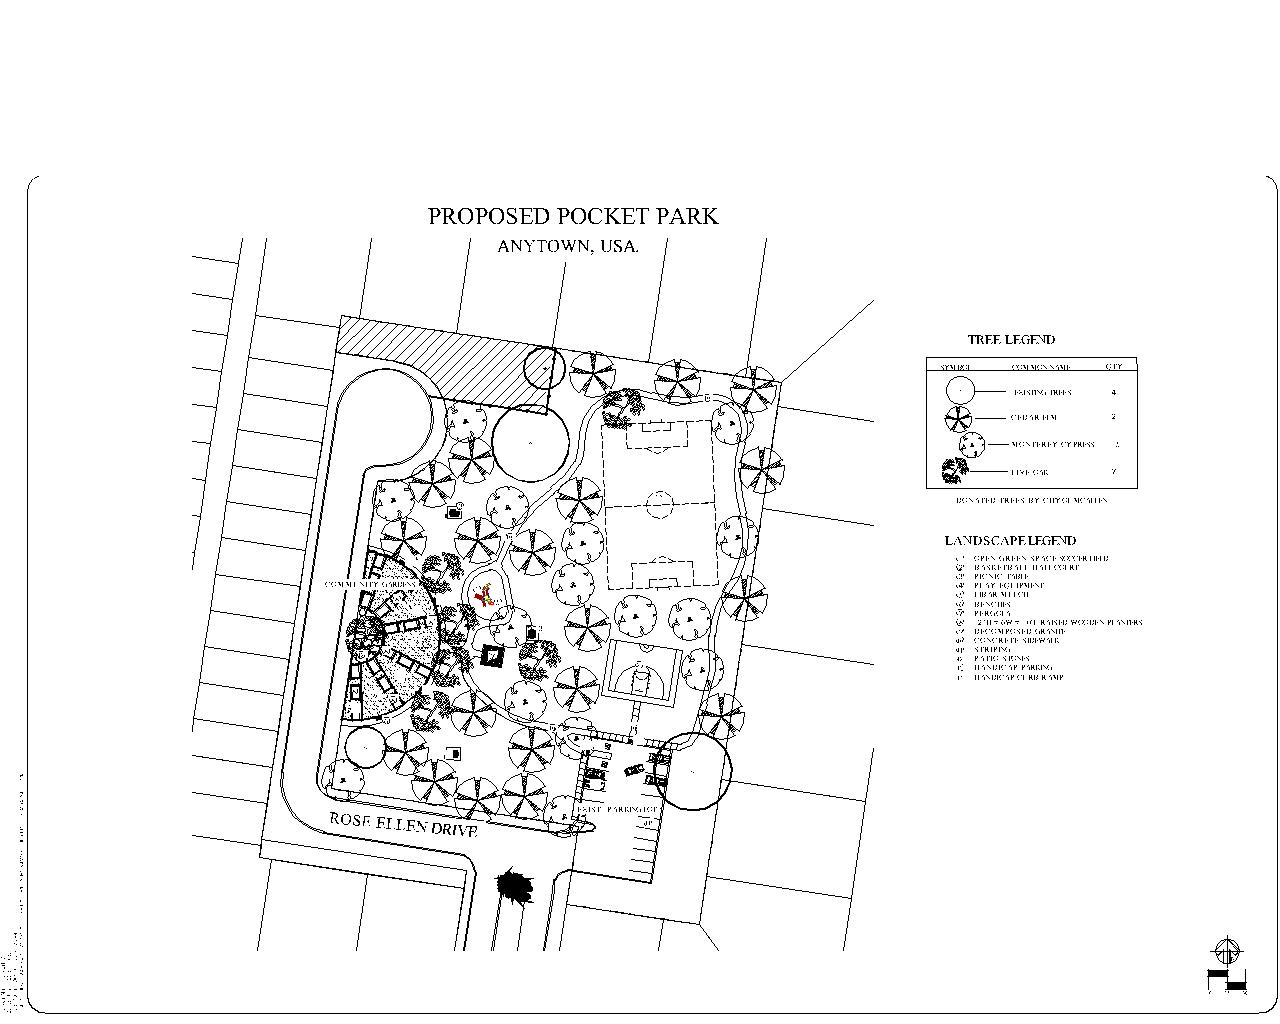 Community Garden/Pocket Park